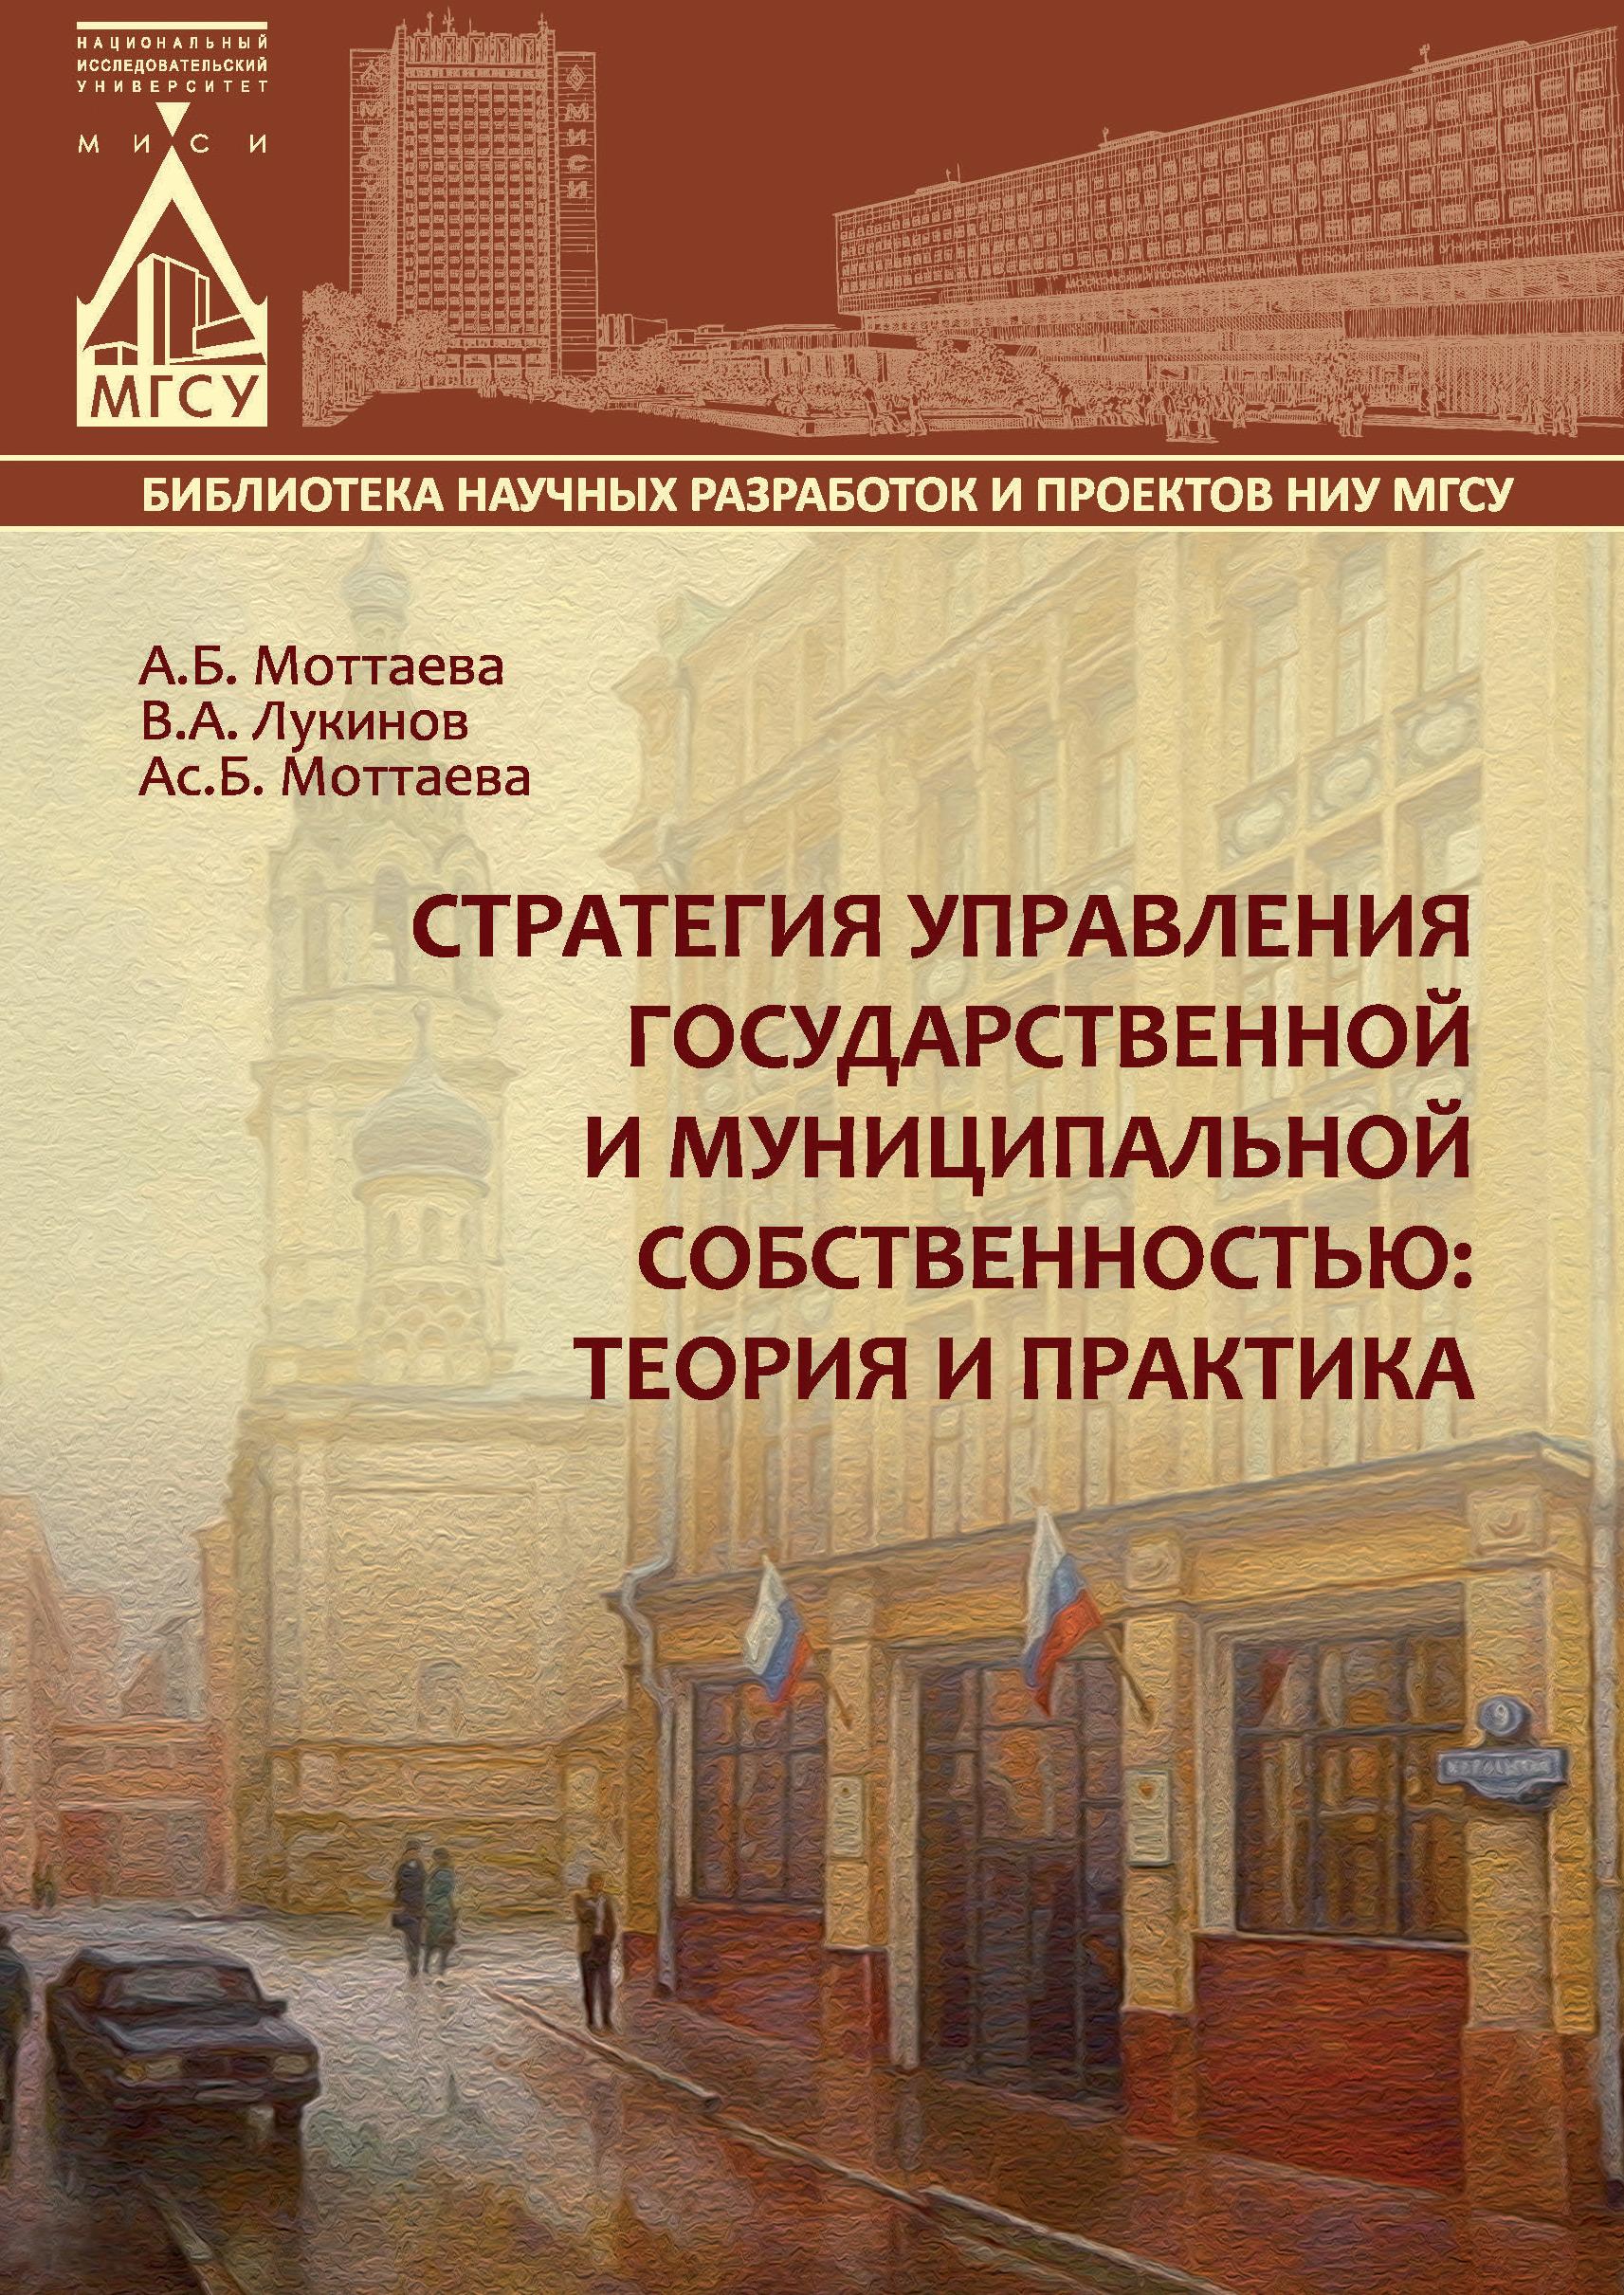 А. Б. Моттаева Стратегия управления государственной и муниципальной собственностью: теория и практика